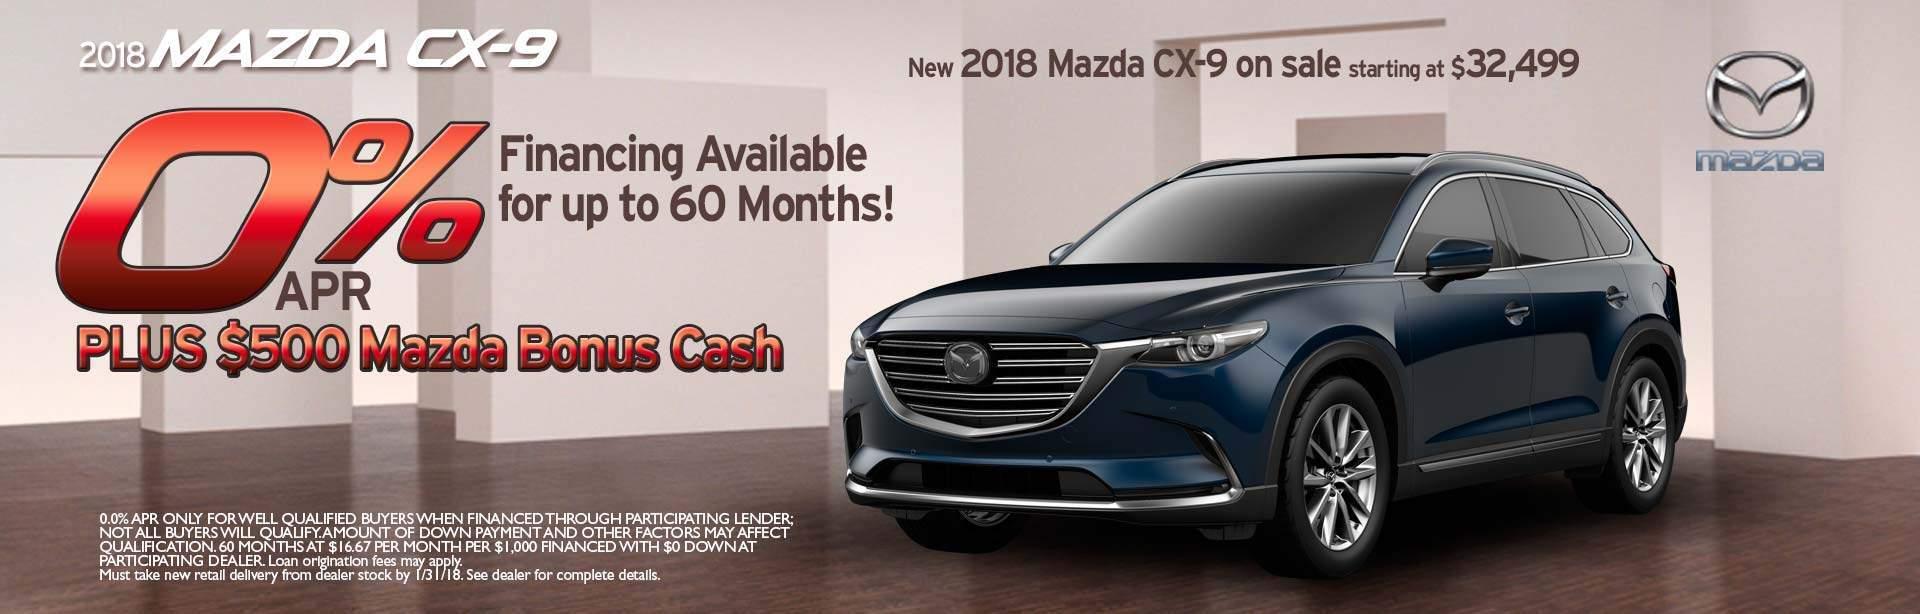 New Mazda CX Carlsbad CA - Mazda 0 apr